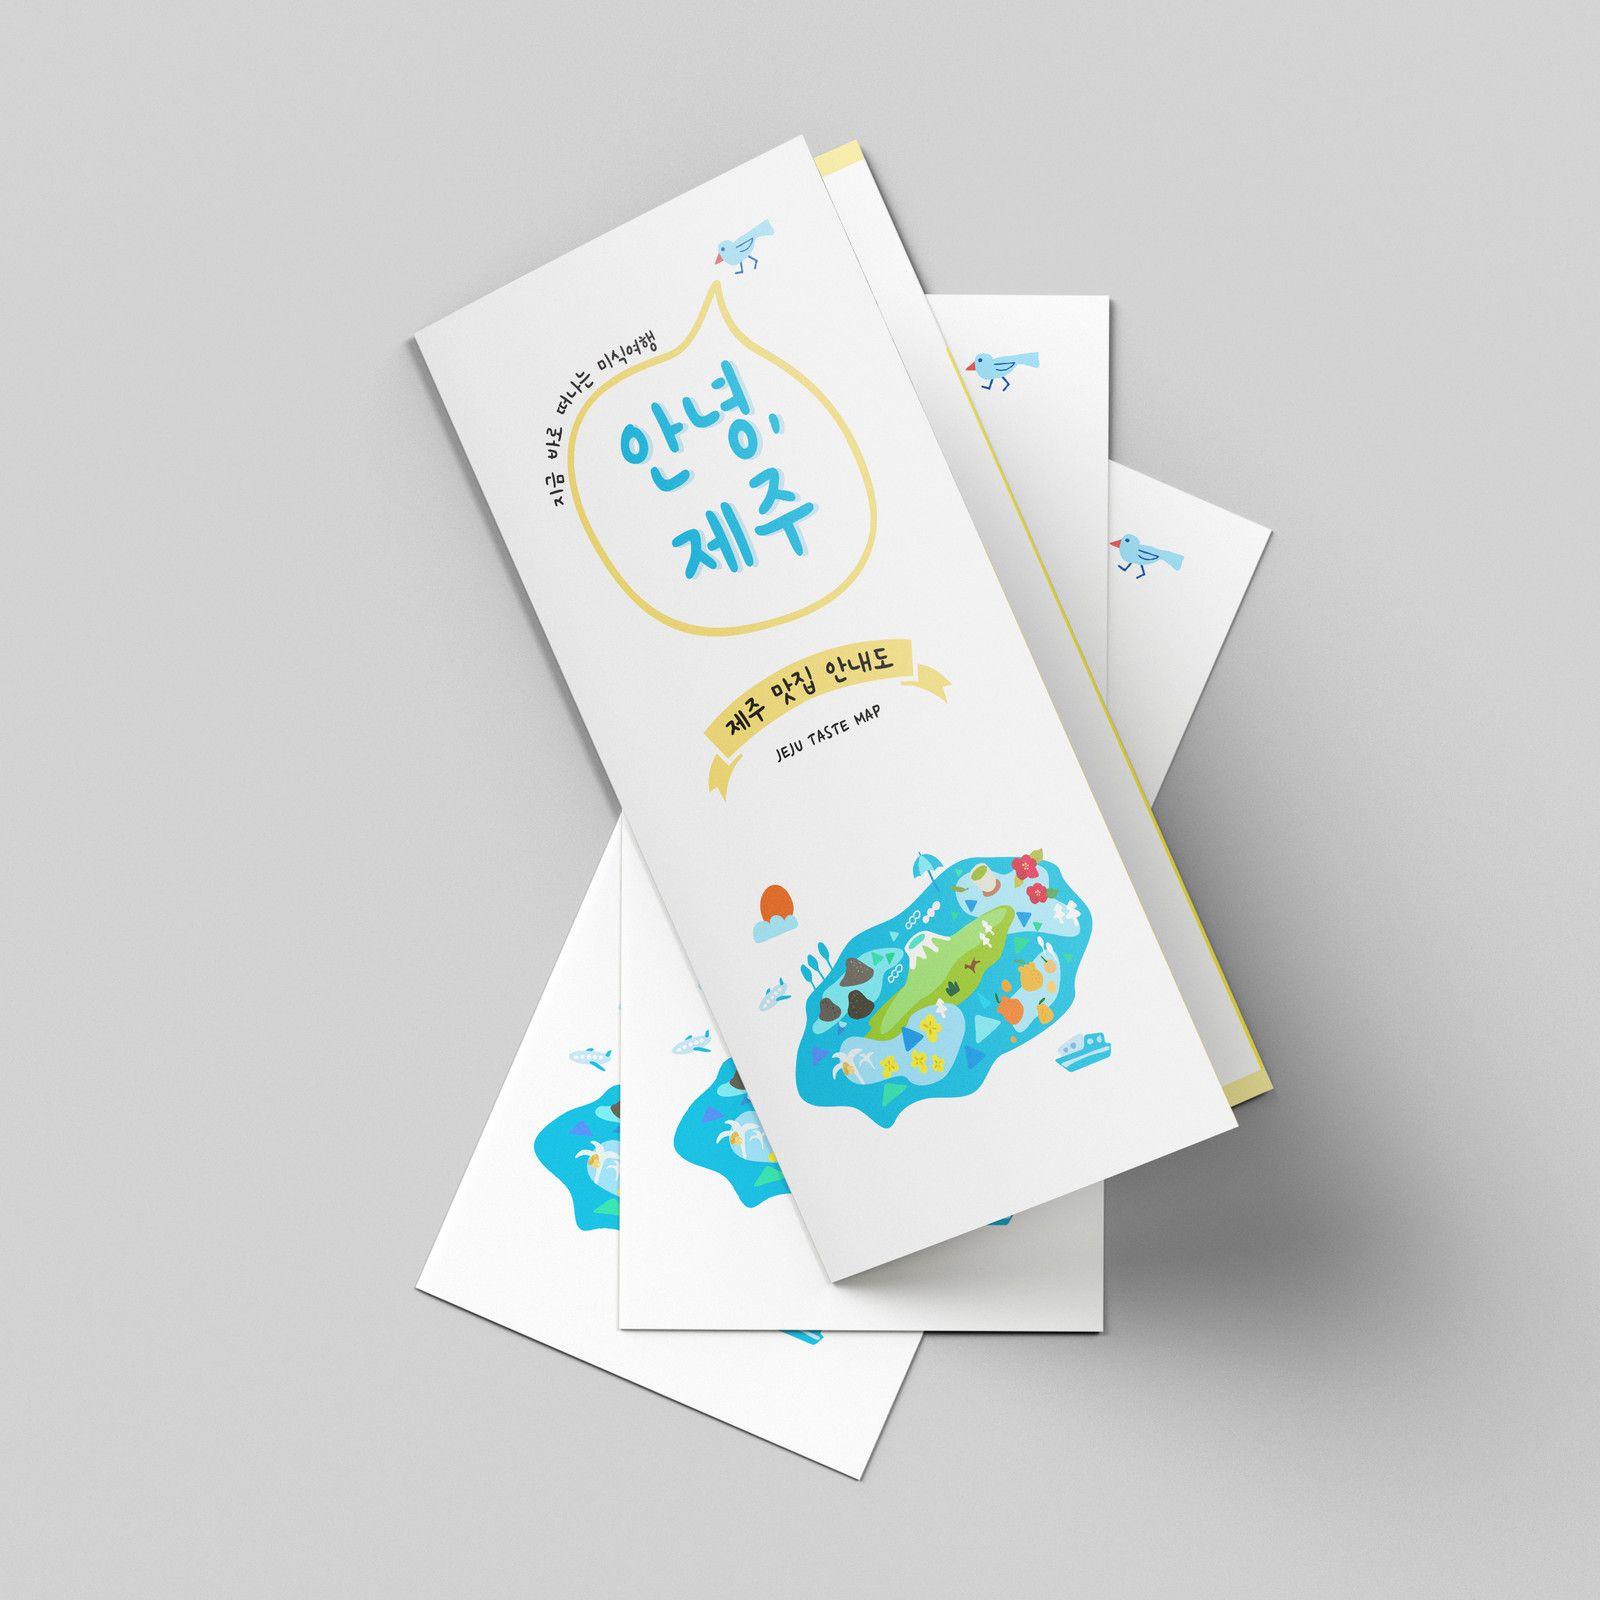 제주도 맛집 여행 리플렛 - 안녕, 제주 - 그래픽 디자인 · 브랜딩/편집, 그래픽 디자인, 브랜딩/편집, 그래픽 디자인, 브랜딩/편집